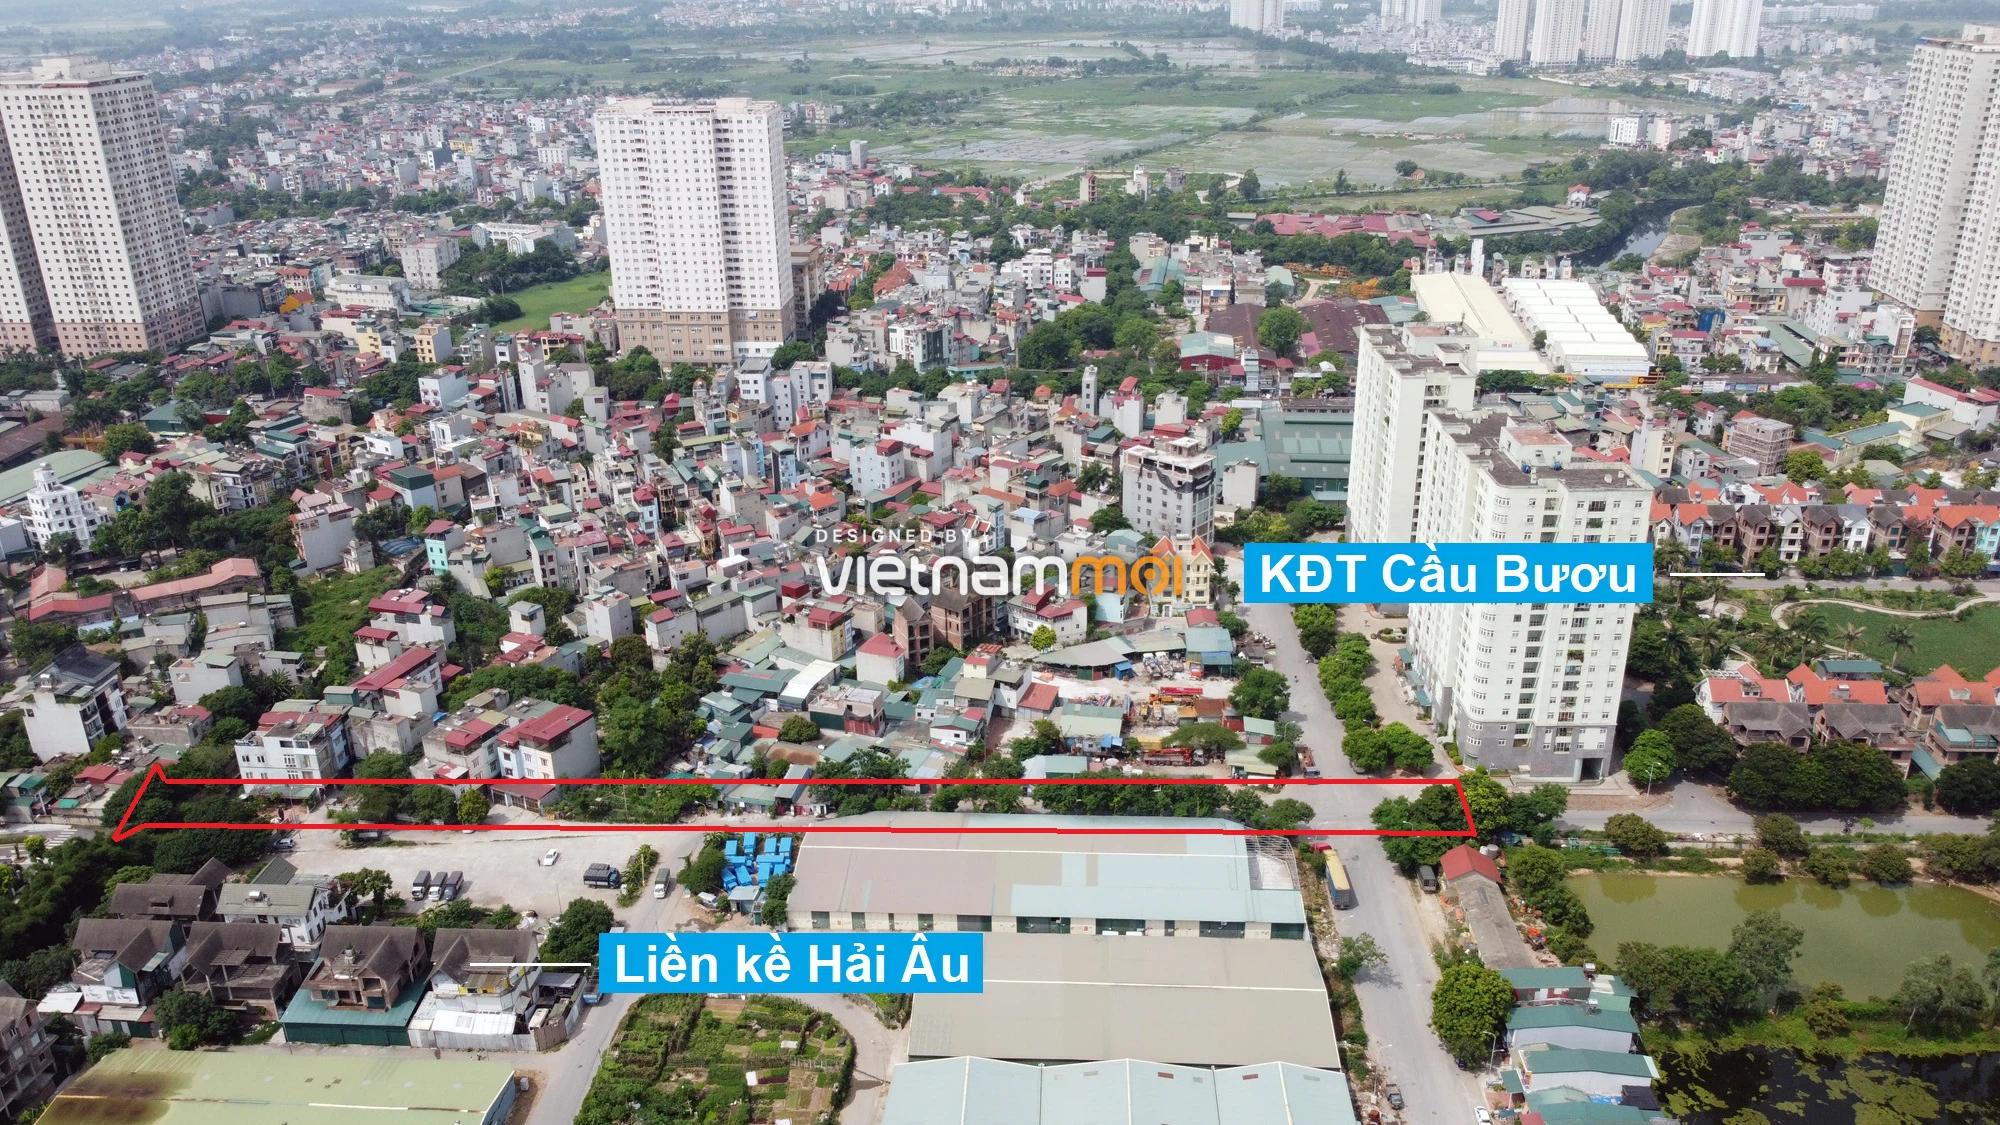 Những khu đất sắp thu hồi để mở đường ở xã Thanh Liệt, Thanh Trì, Hà Nội (phần 1) - Ảnh 17.